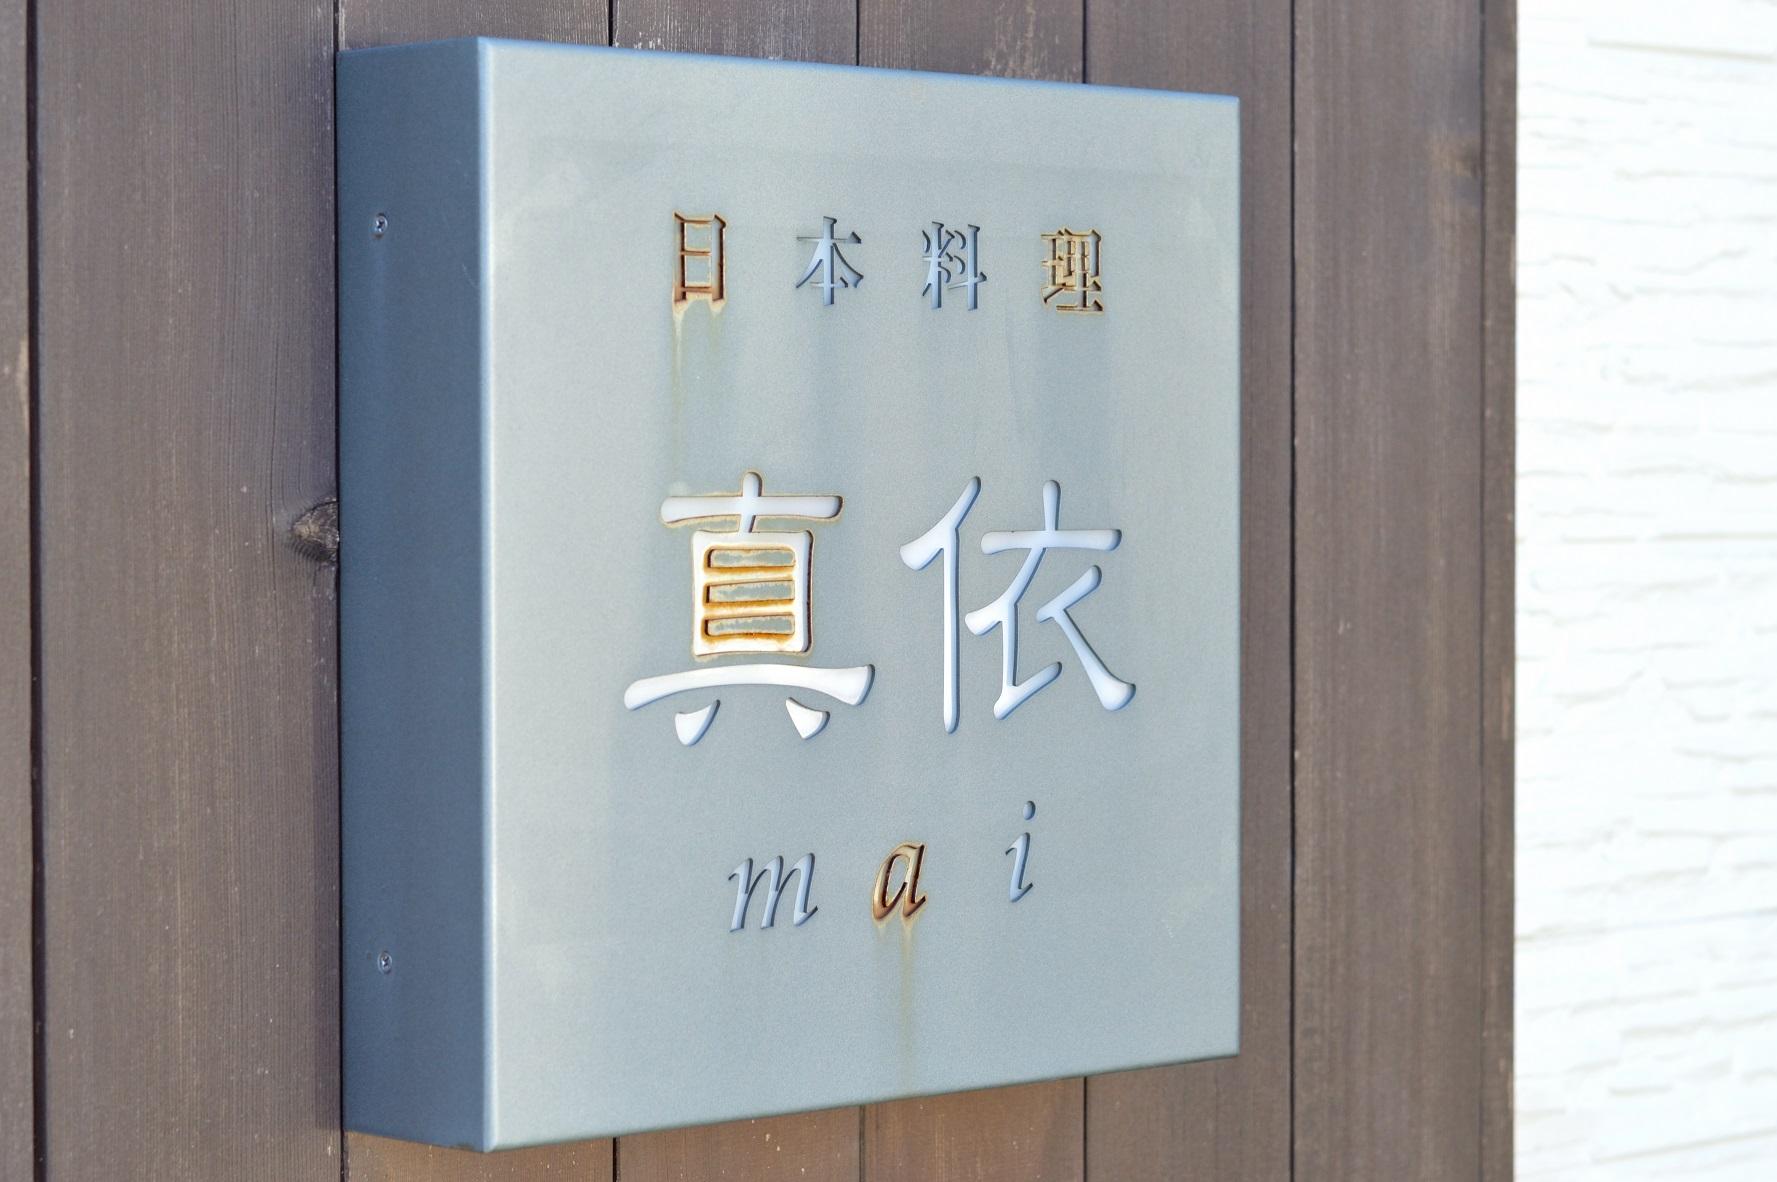 茨城県水戸市 日本料理真依 外観 (4)